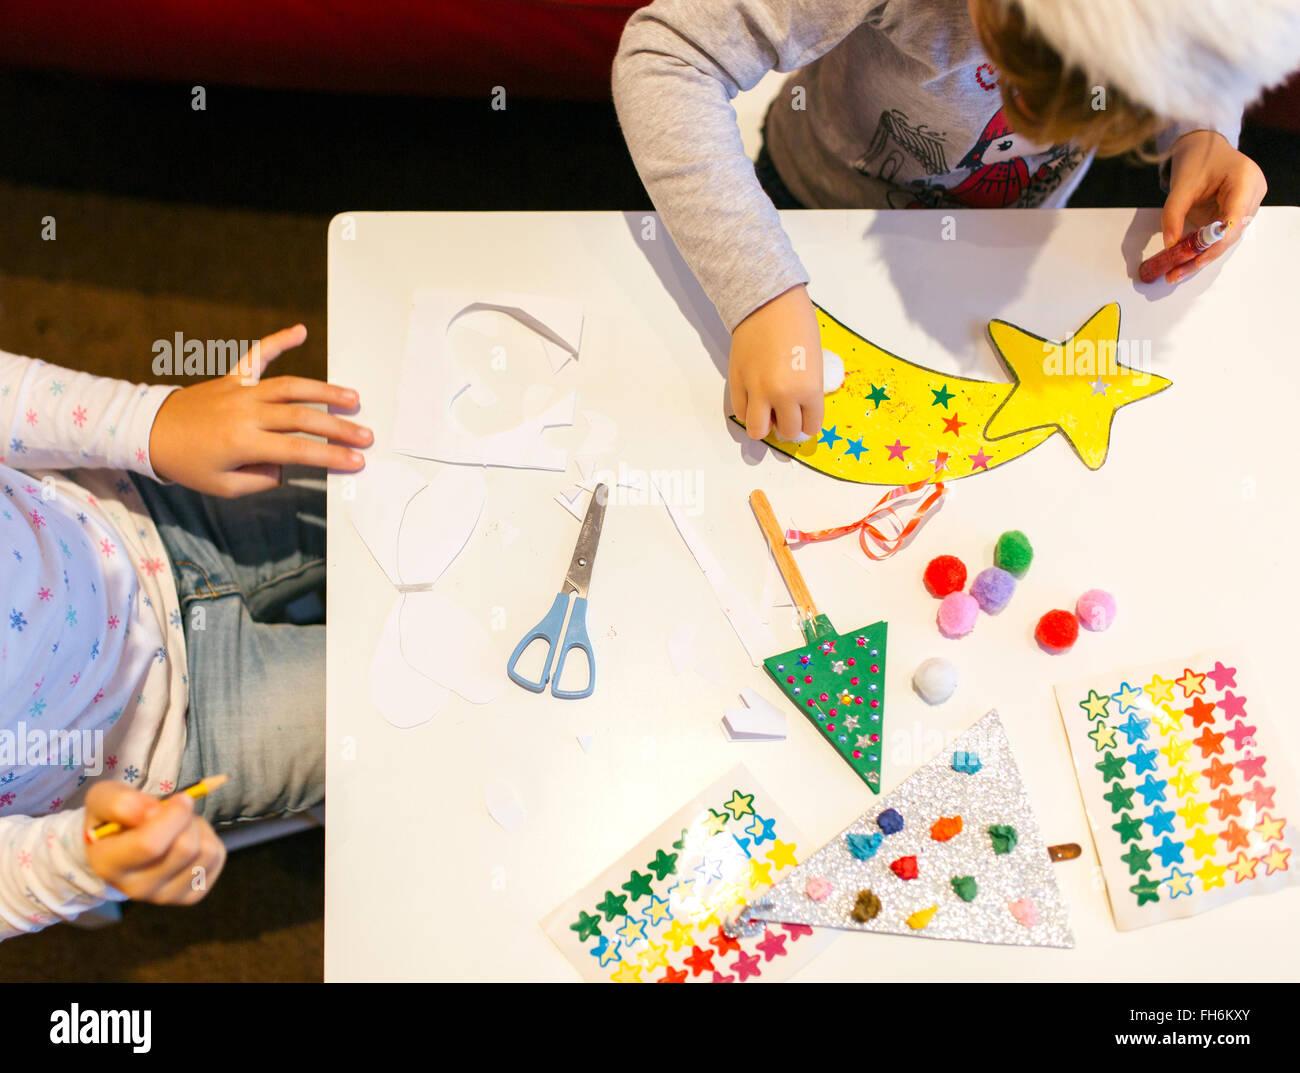 Dos niñas jugando decoración navideña Imagen De Stock